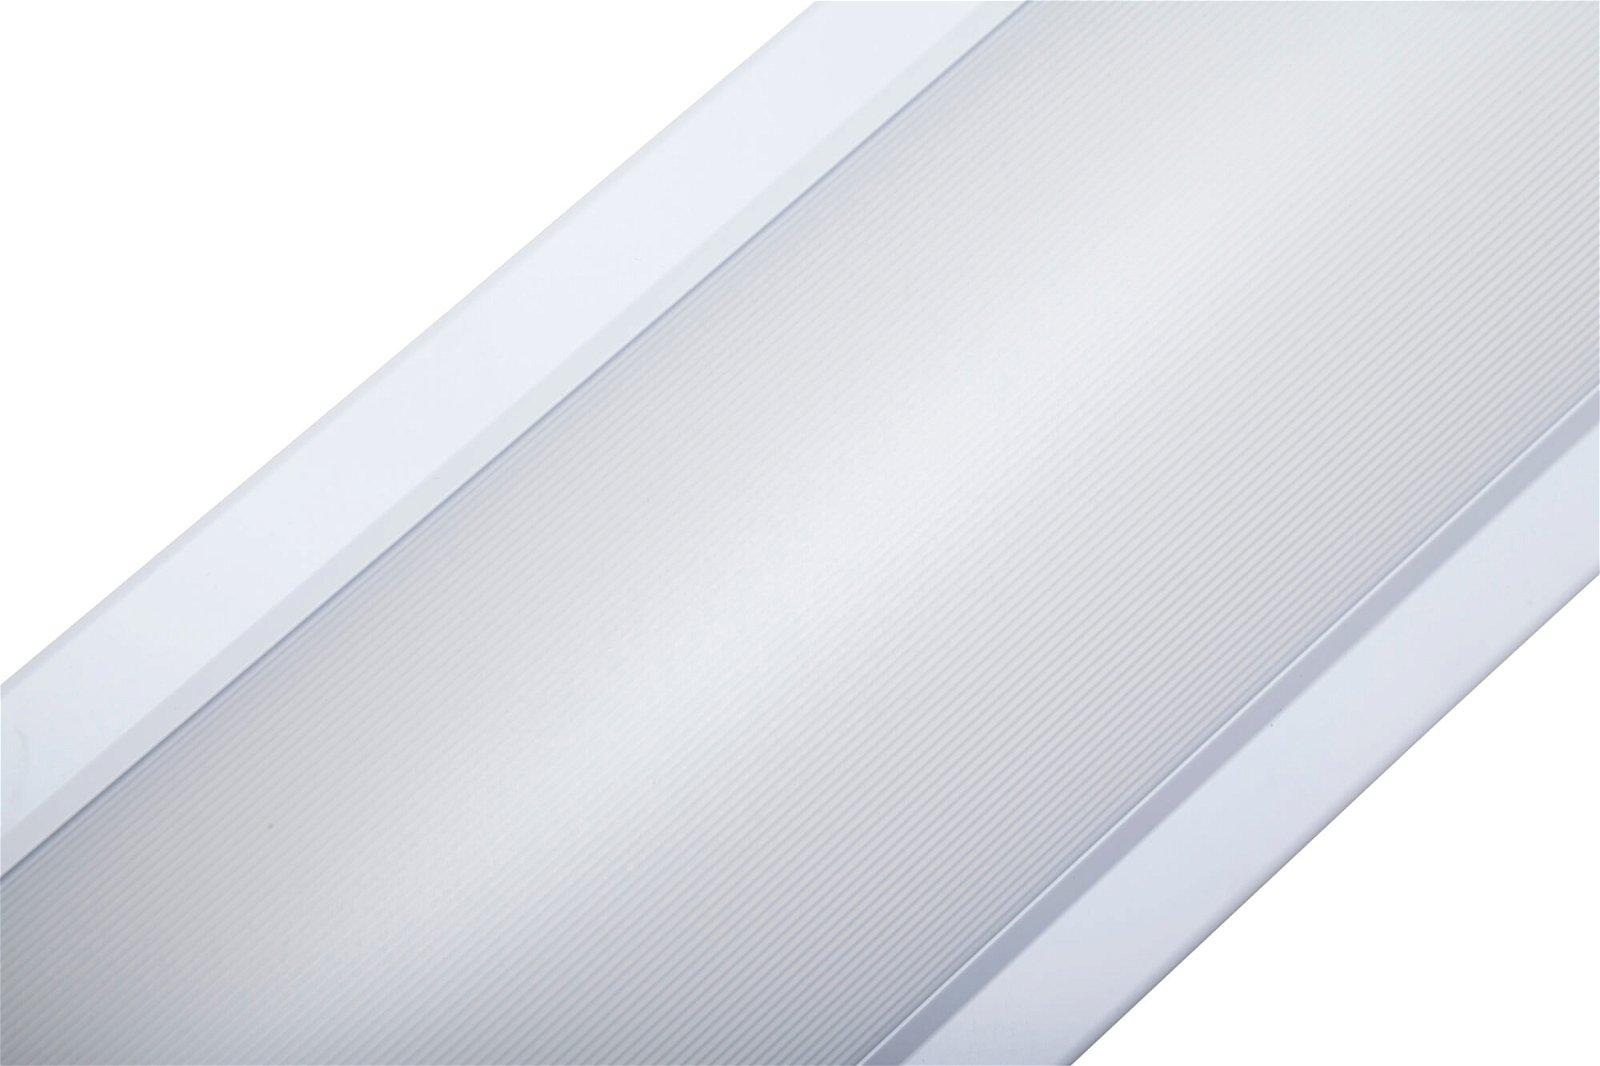 LED-Pendel- und Deckenleuchte MAULeco, 46 W, 119,5 cm, weiß